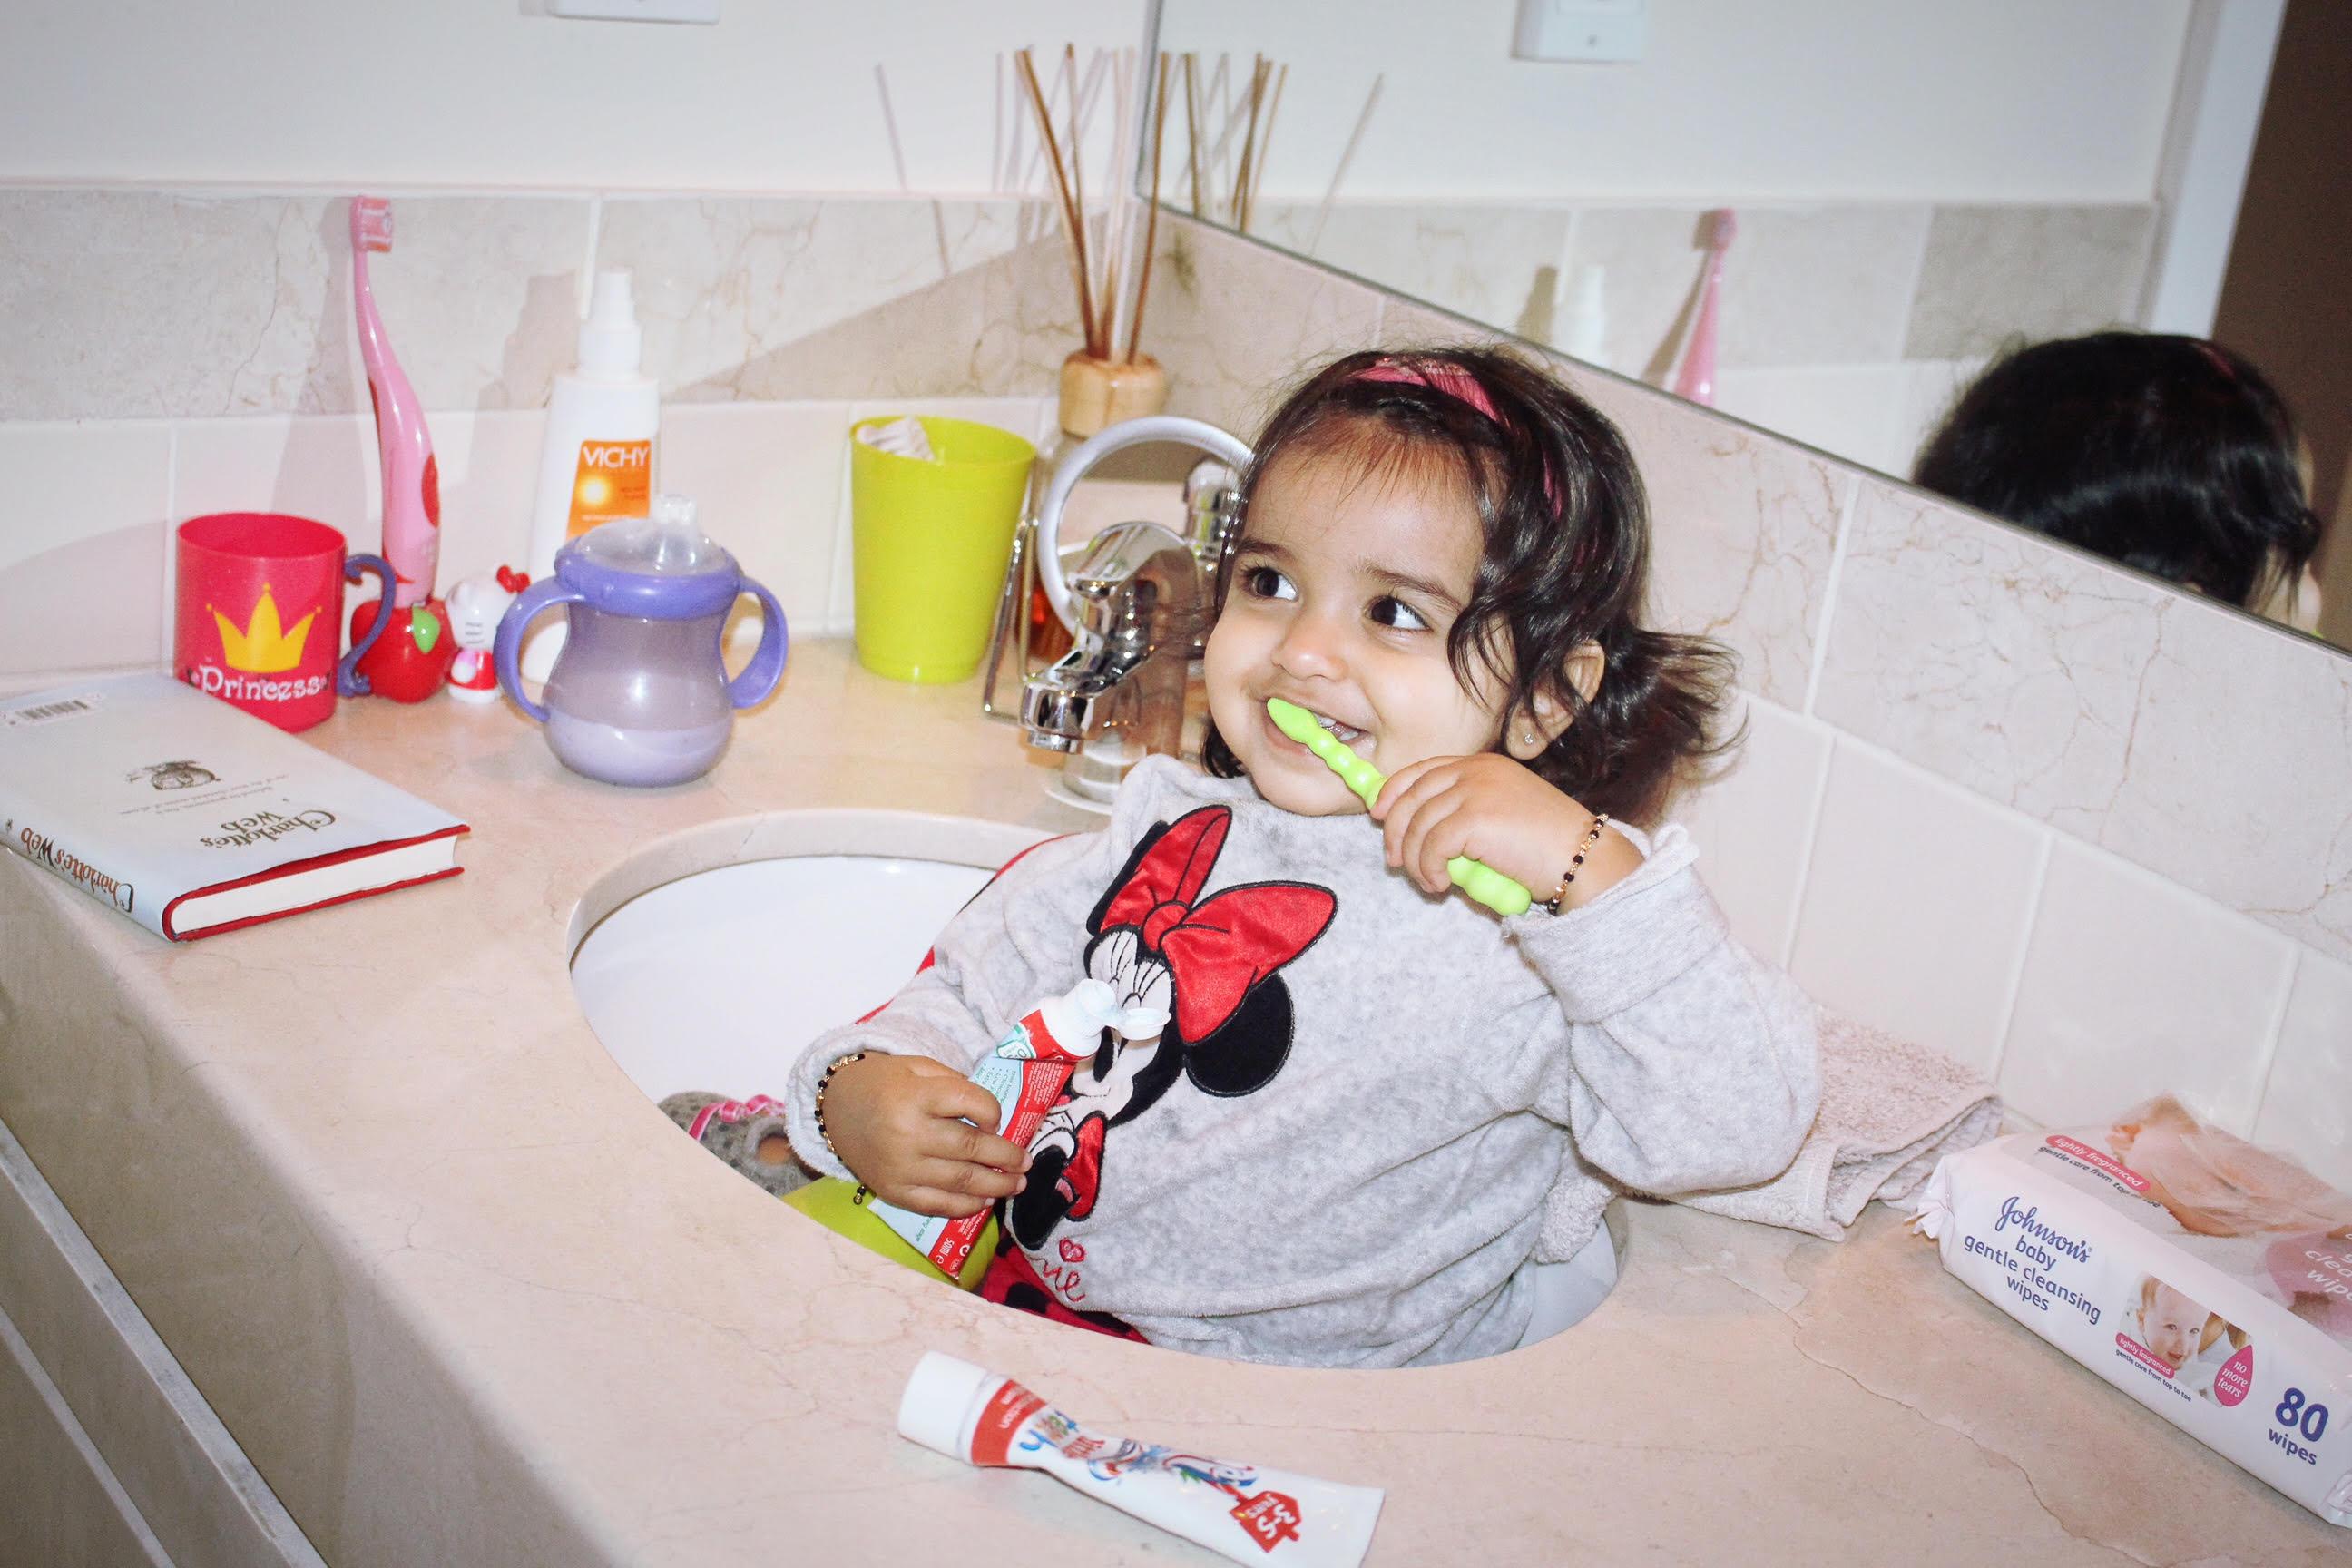 kiki brushing teeth